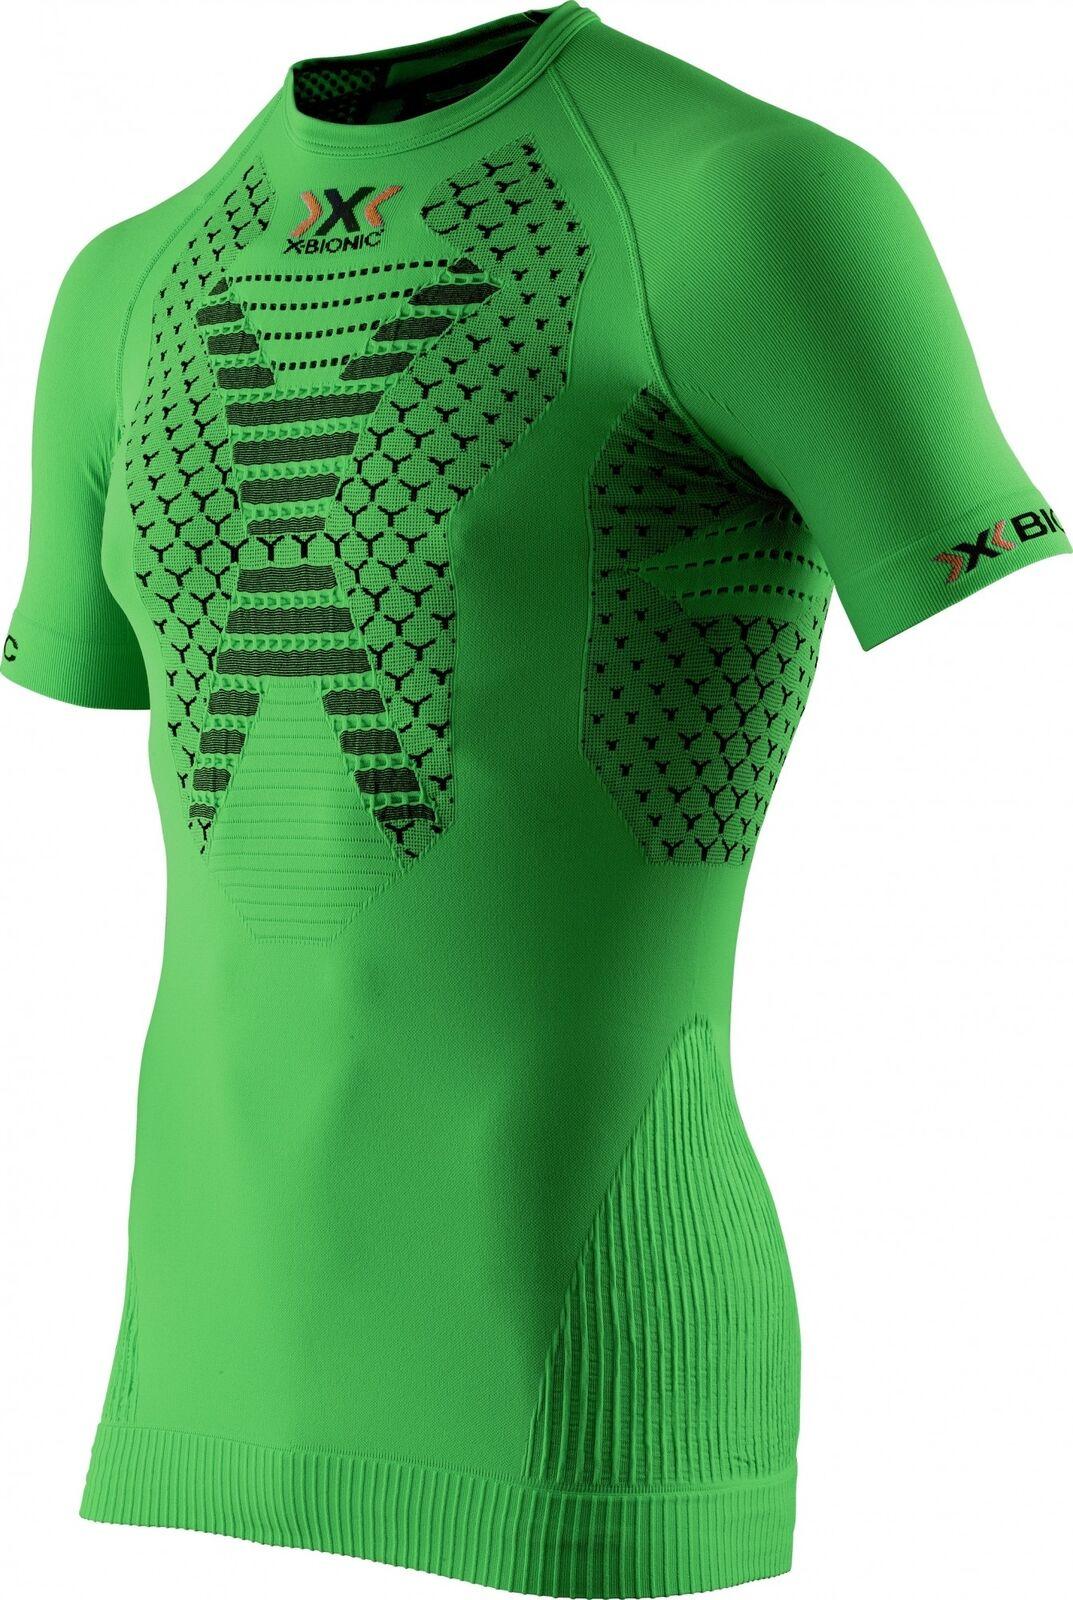 X-Bionic Ttwyce Running Shirt Running Shirt Runningoberteil Dress Shirt T-Shirt